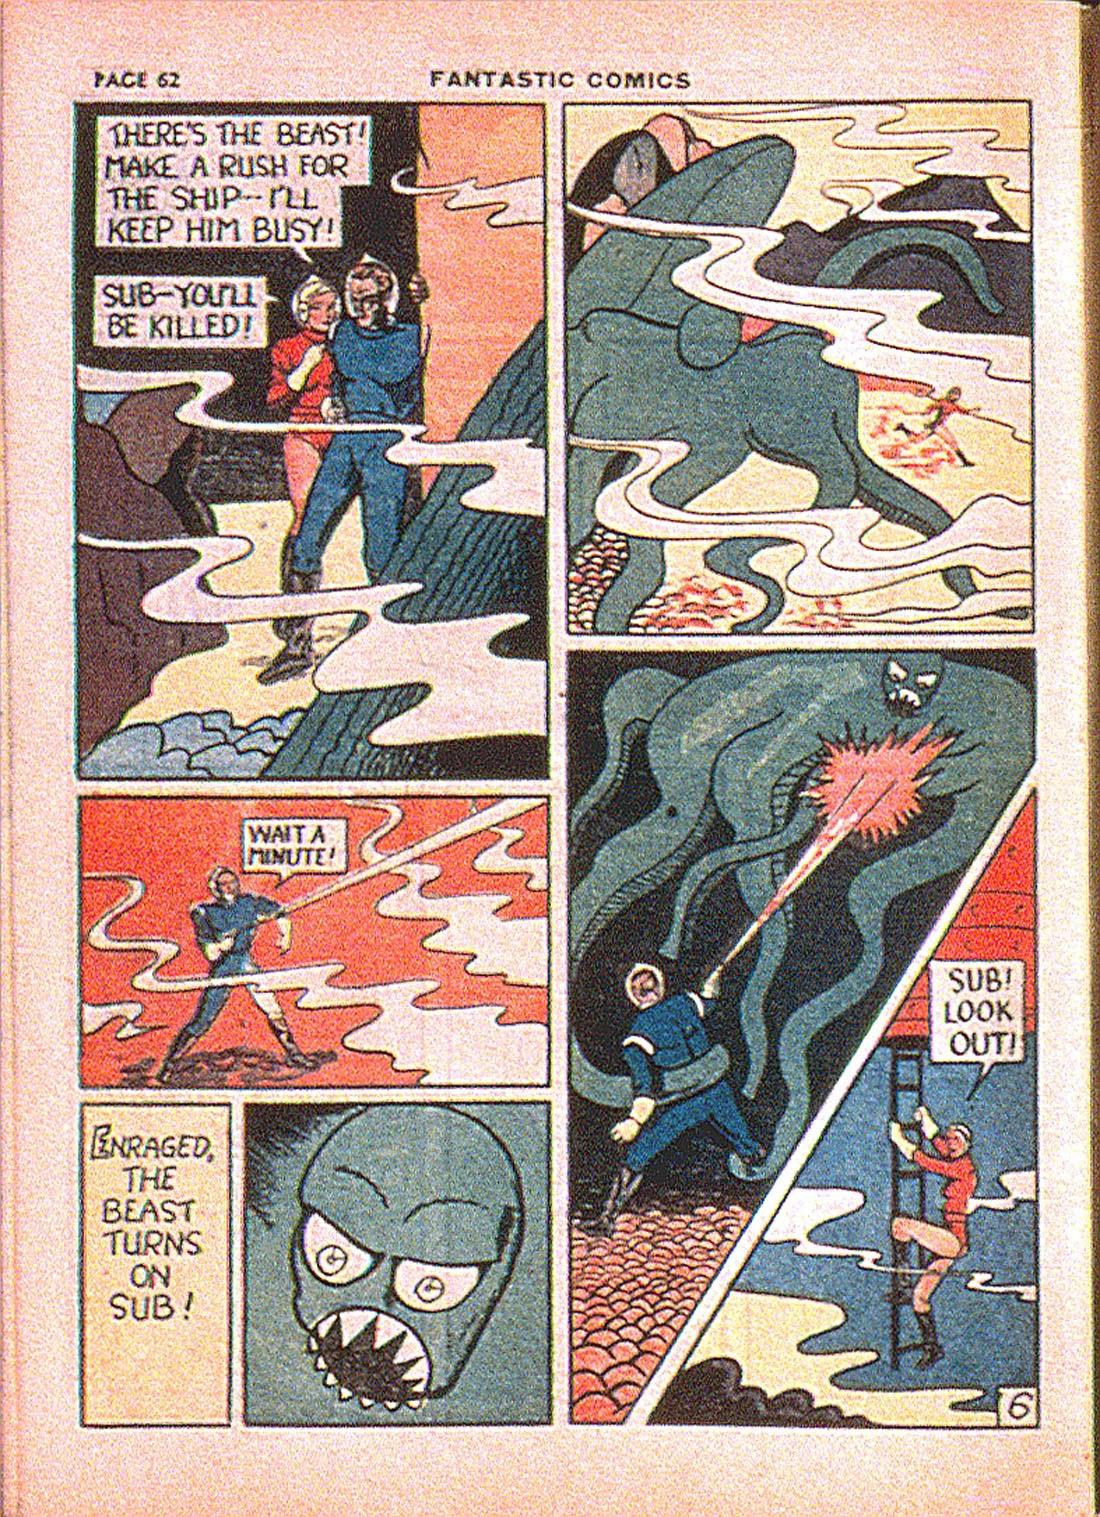 Read online Fantastic Comics comic -  Issue #7 - 64